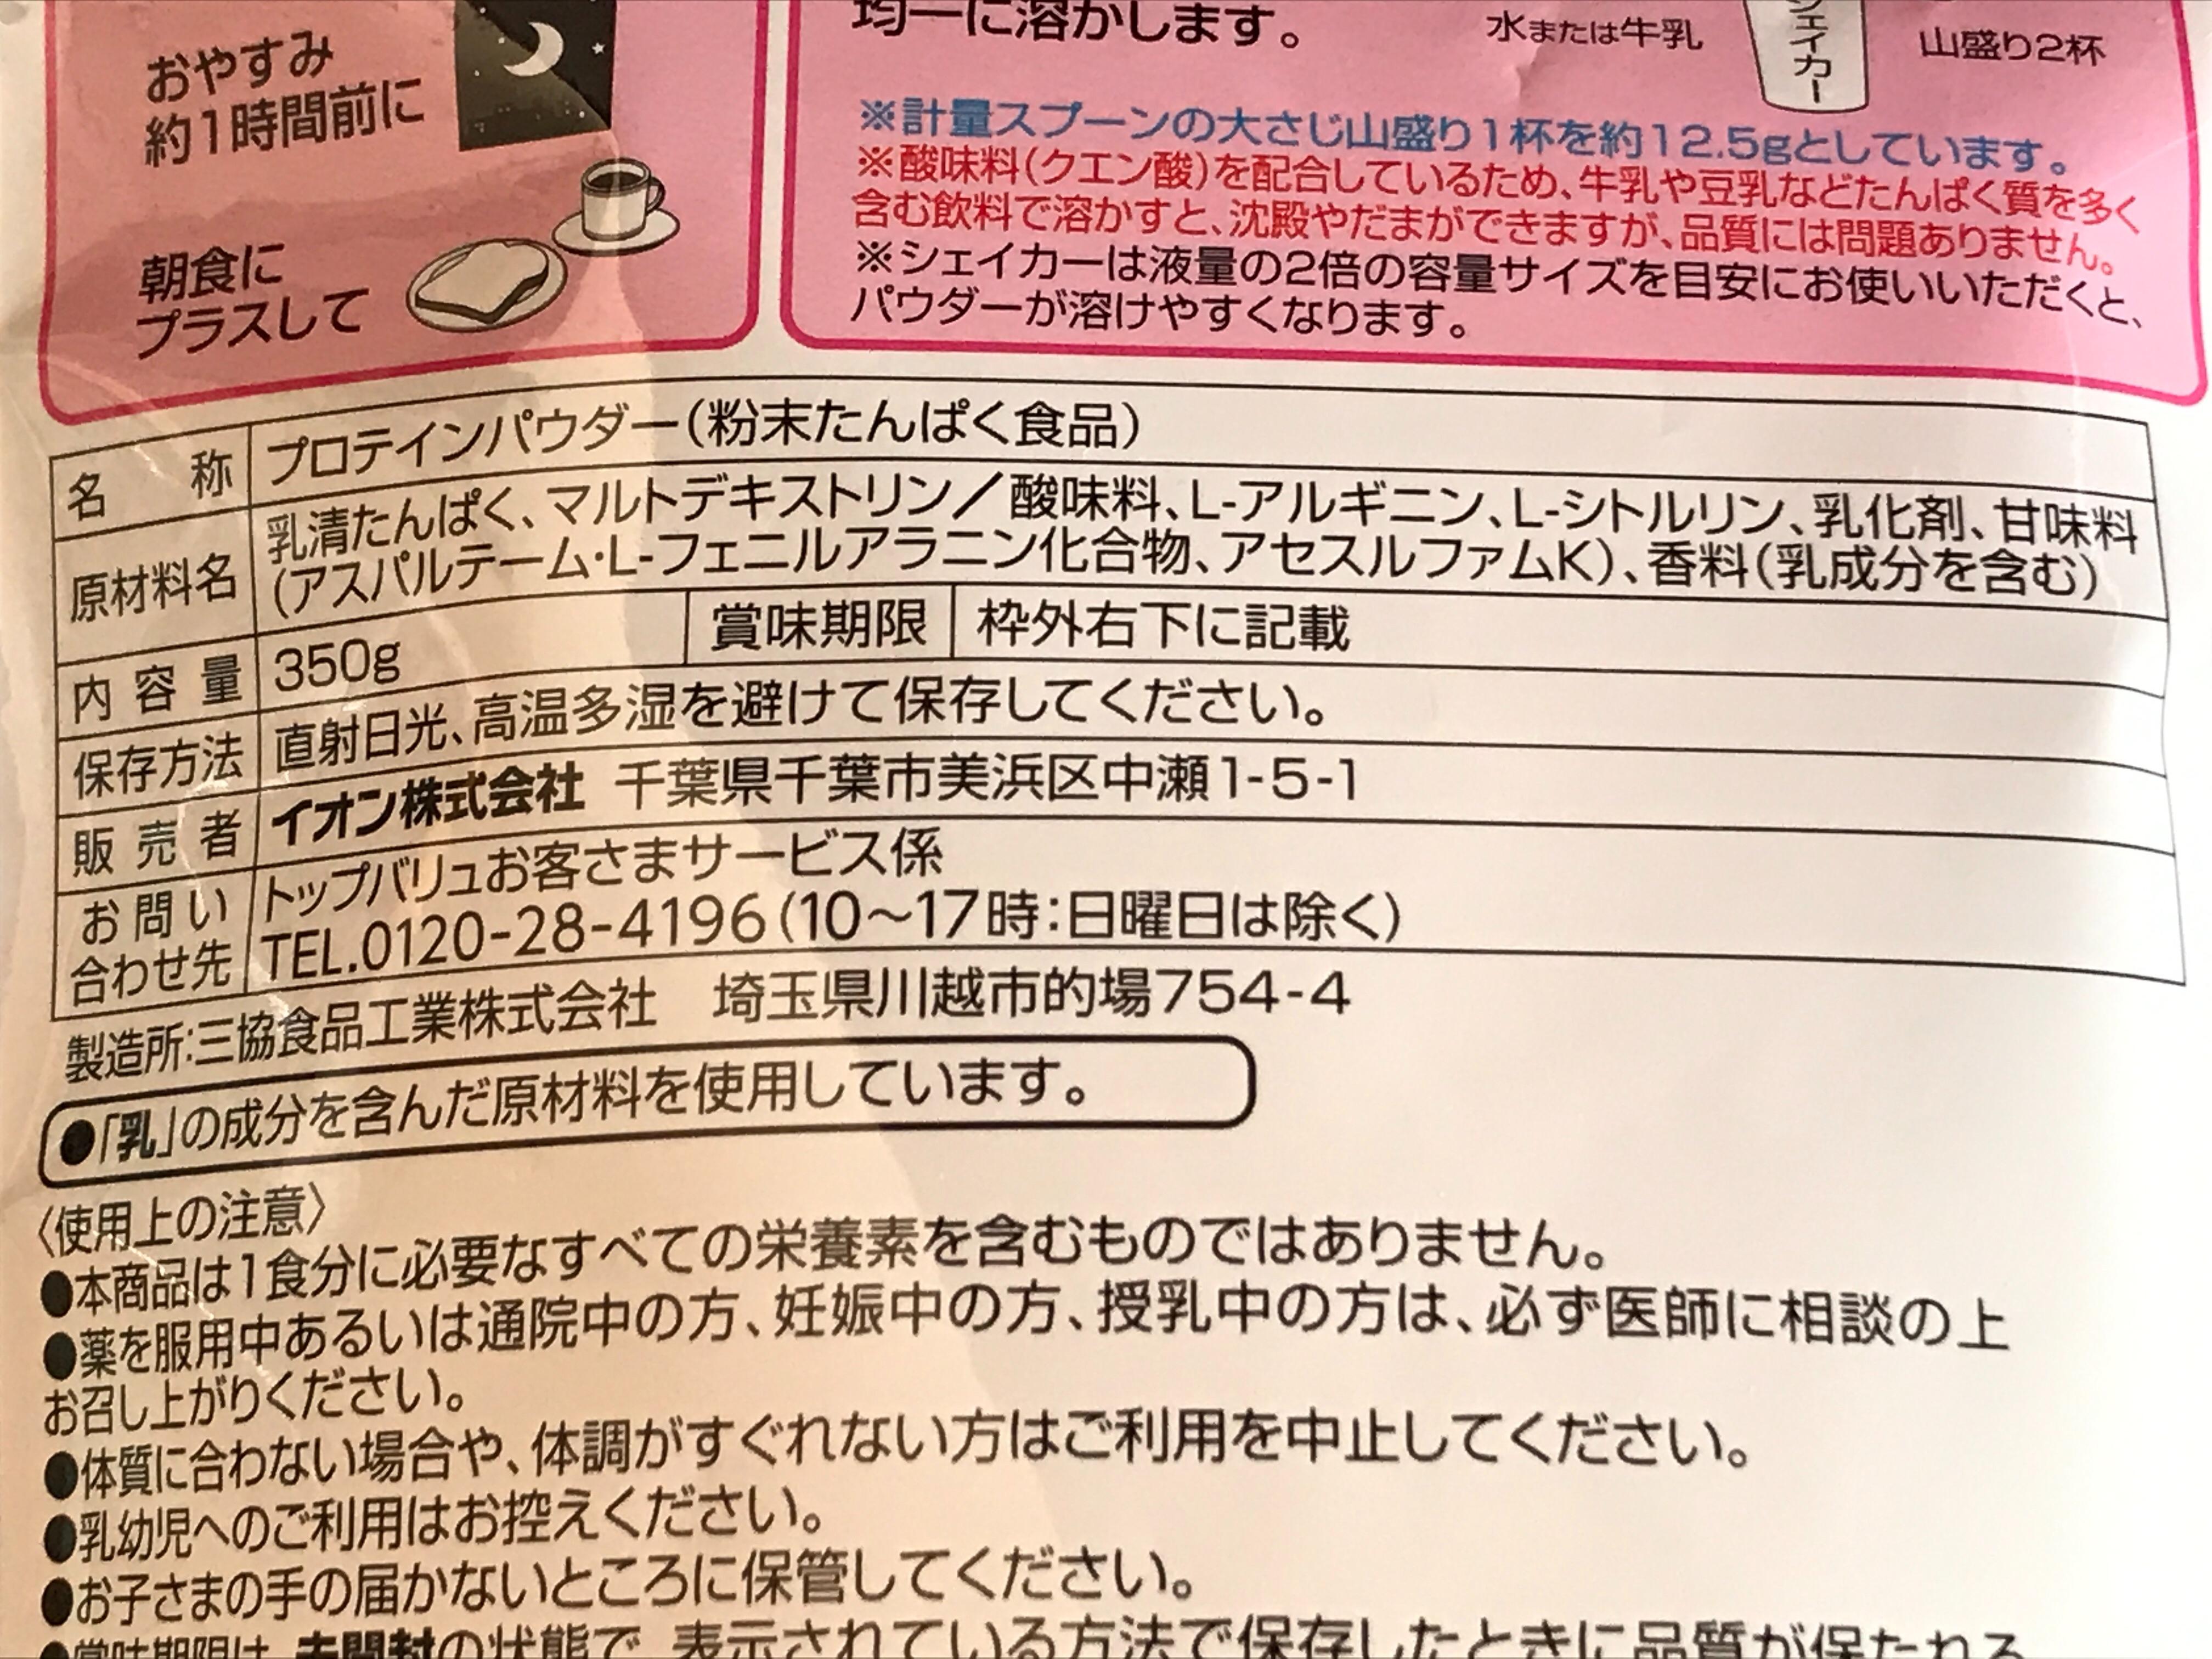 f:id:SeisoSakuya:20210421170934j:image